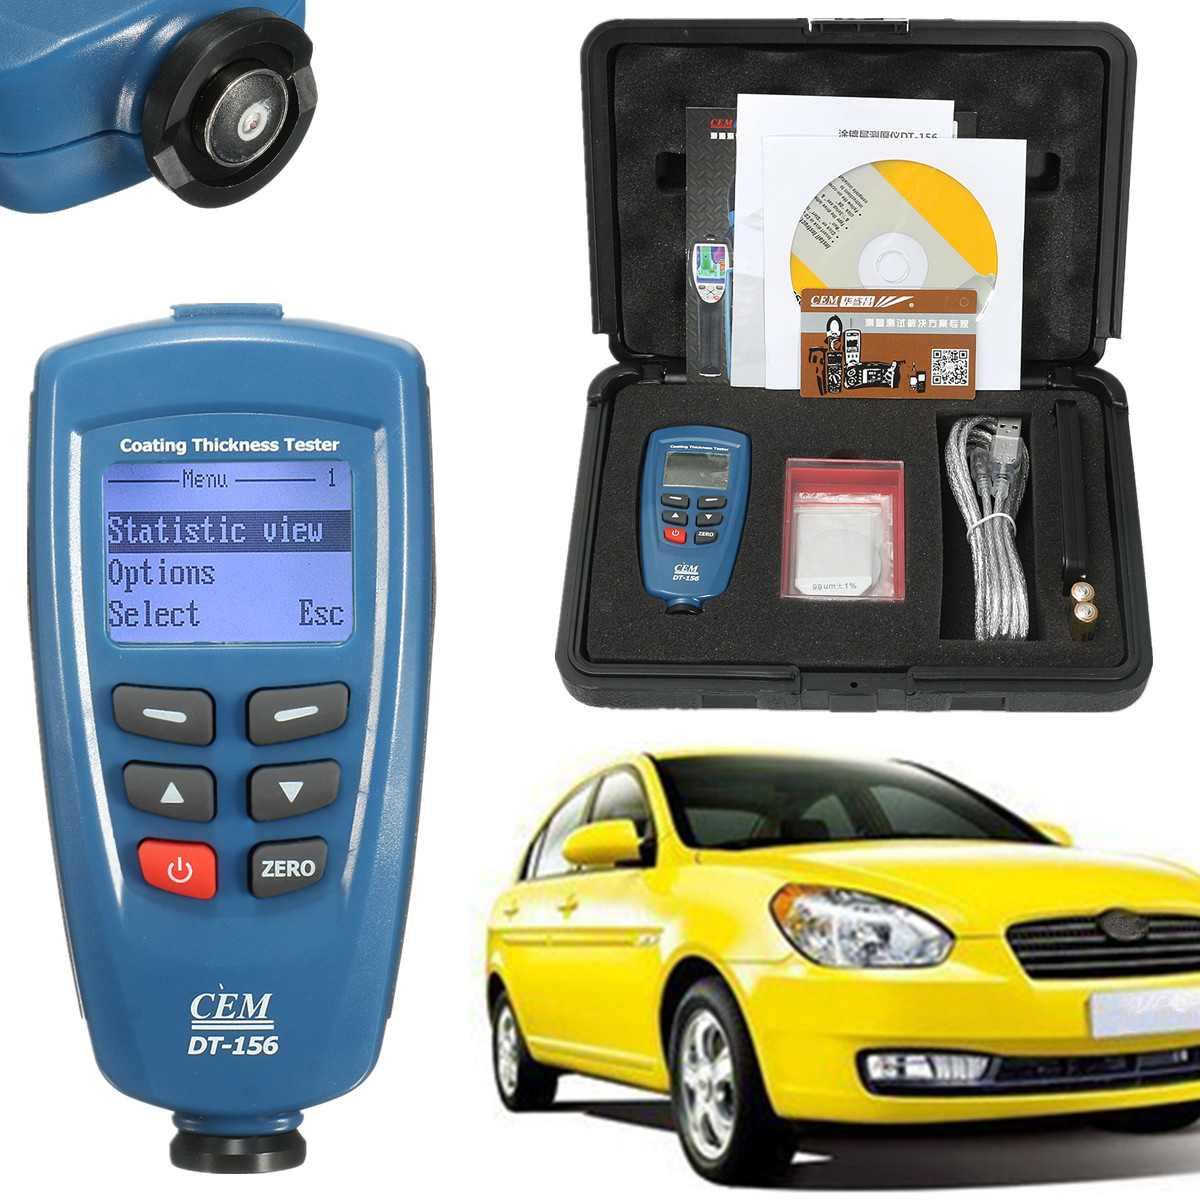 Digitale CEM DT-156 Vernice di Spessore di Rivestimento del Calibro del Tester del tester 0 ~ 1250um con Built-In Auto F & NF Sonda + cavo USB + CD del software